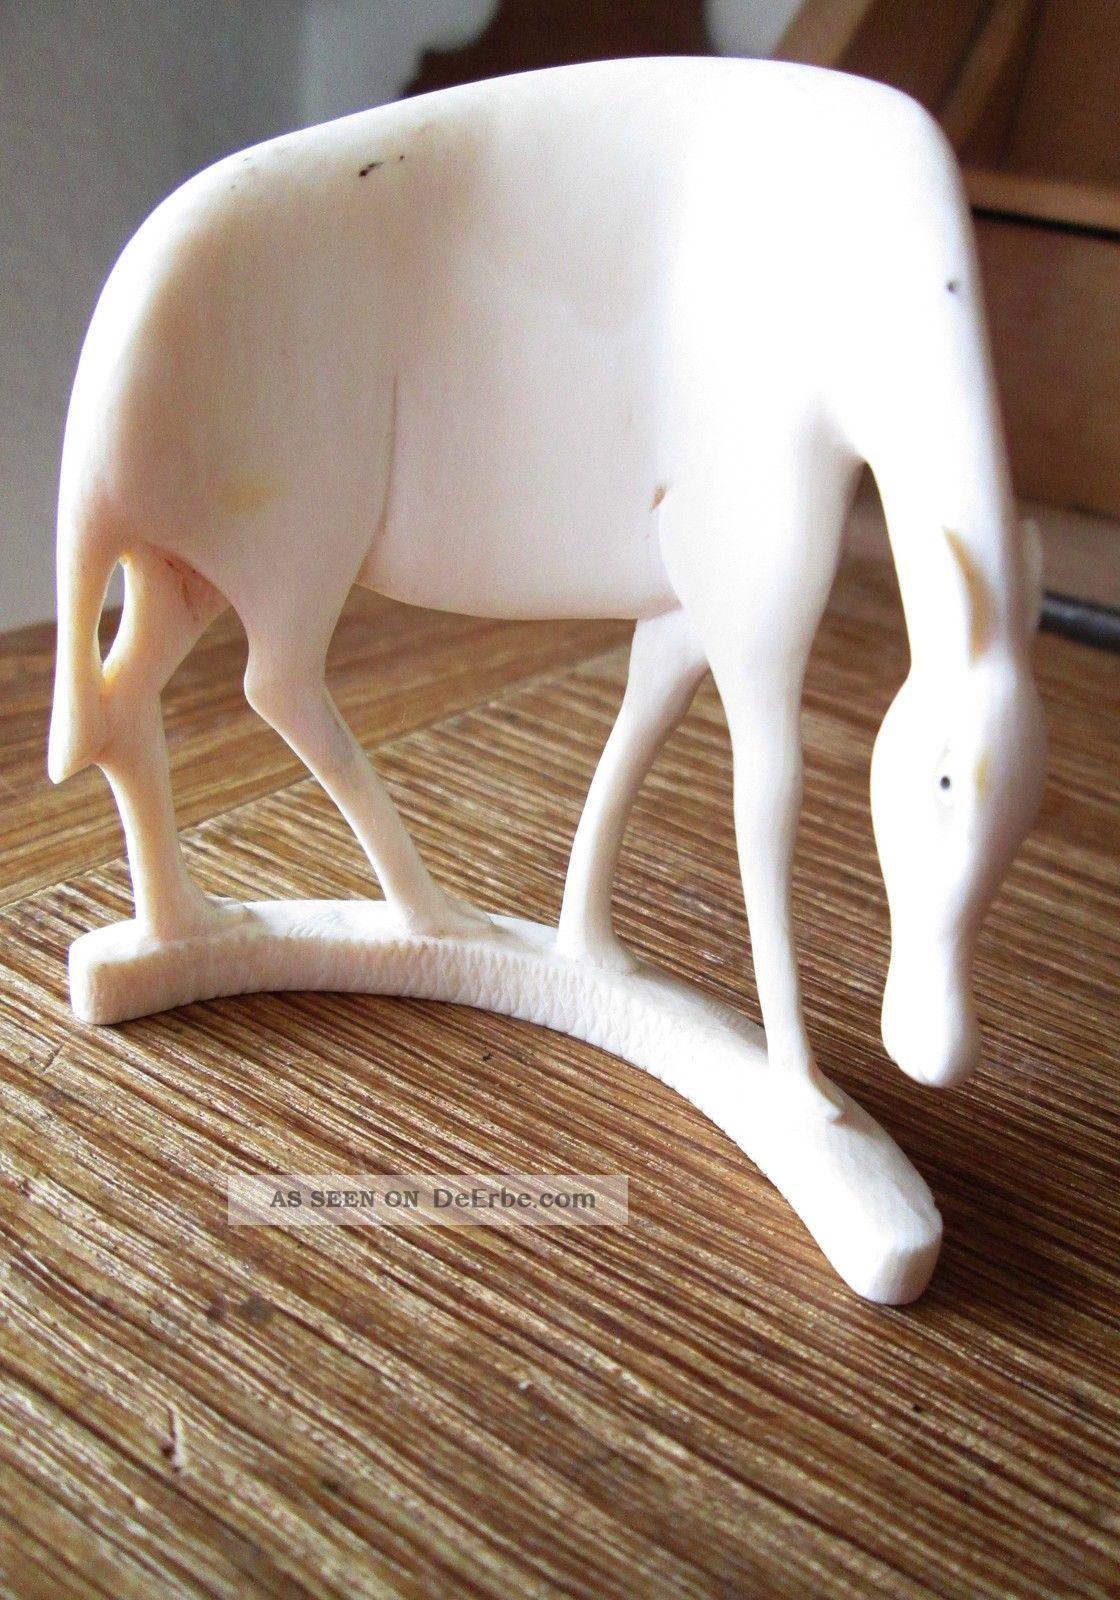 Schöne Tierfigur,  Gnu Oder Gazelle,  Aus Bein Geschnitten,  Halbrunde Form Beinarbeiten Bild